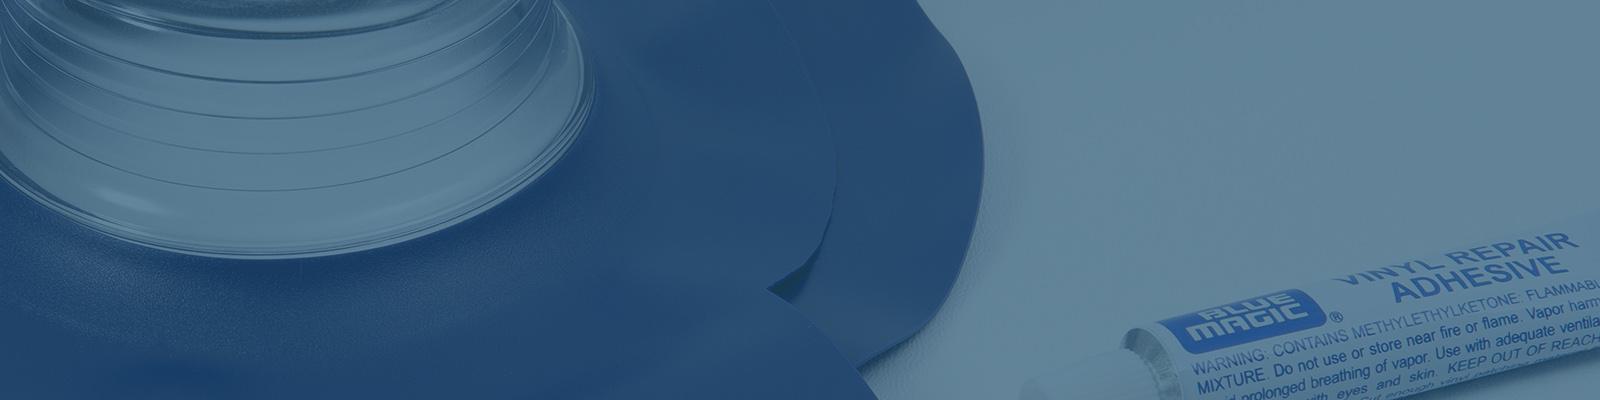 Symbolbild für den Wasserbett Service von Kallisto, auf welchem ein Flickset und ein Ersatzstutzen zu sehen sind. Beide werden im Kallisto Onlineshop als Wasserbett Ersatzteile angeboten.